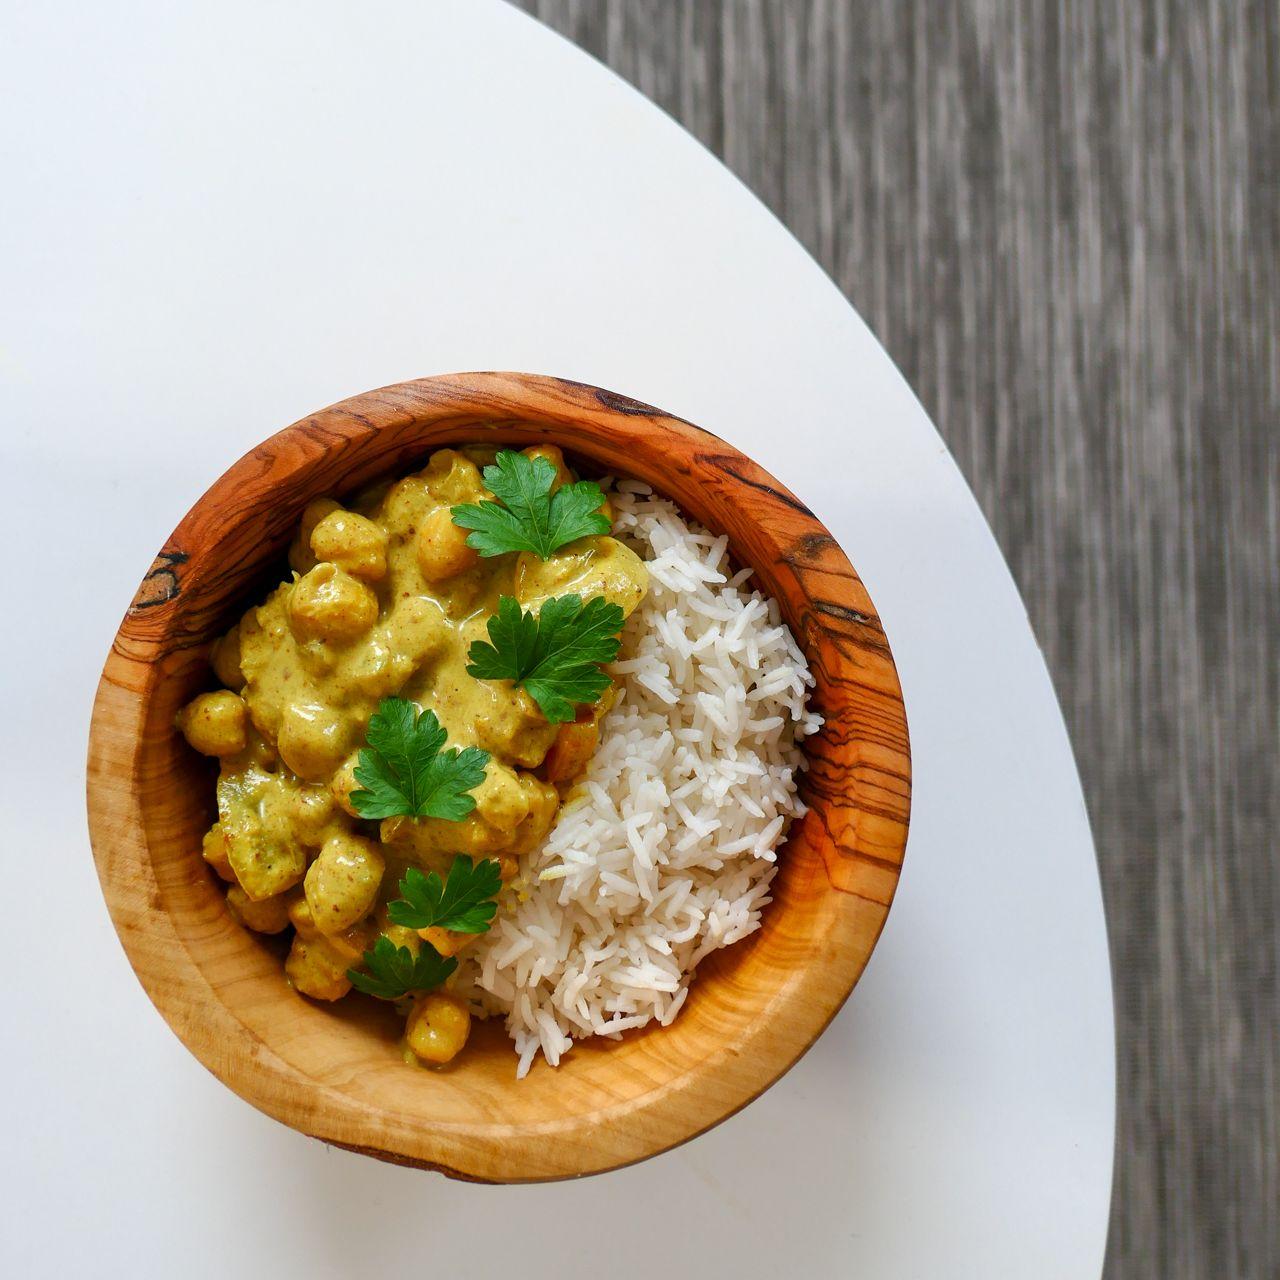 Curry de pois chiches au lait de coco - Les recettes de Julie Gri